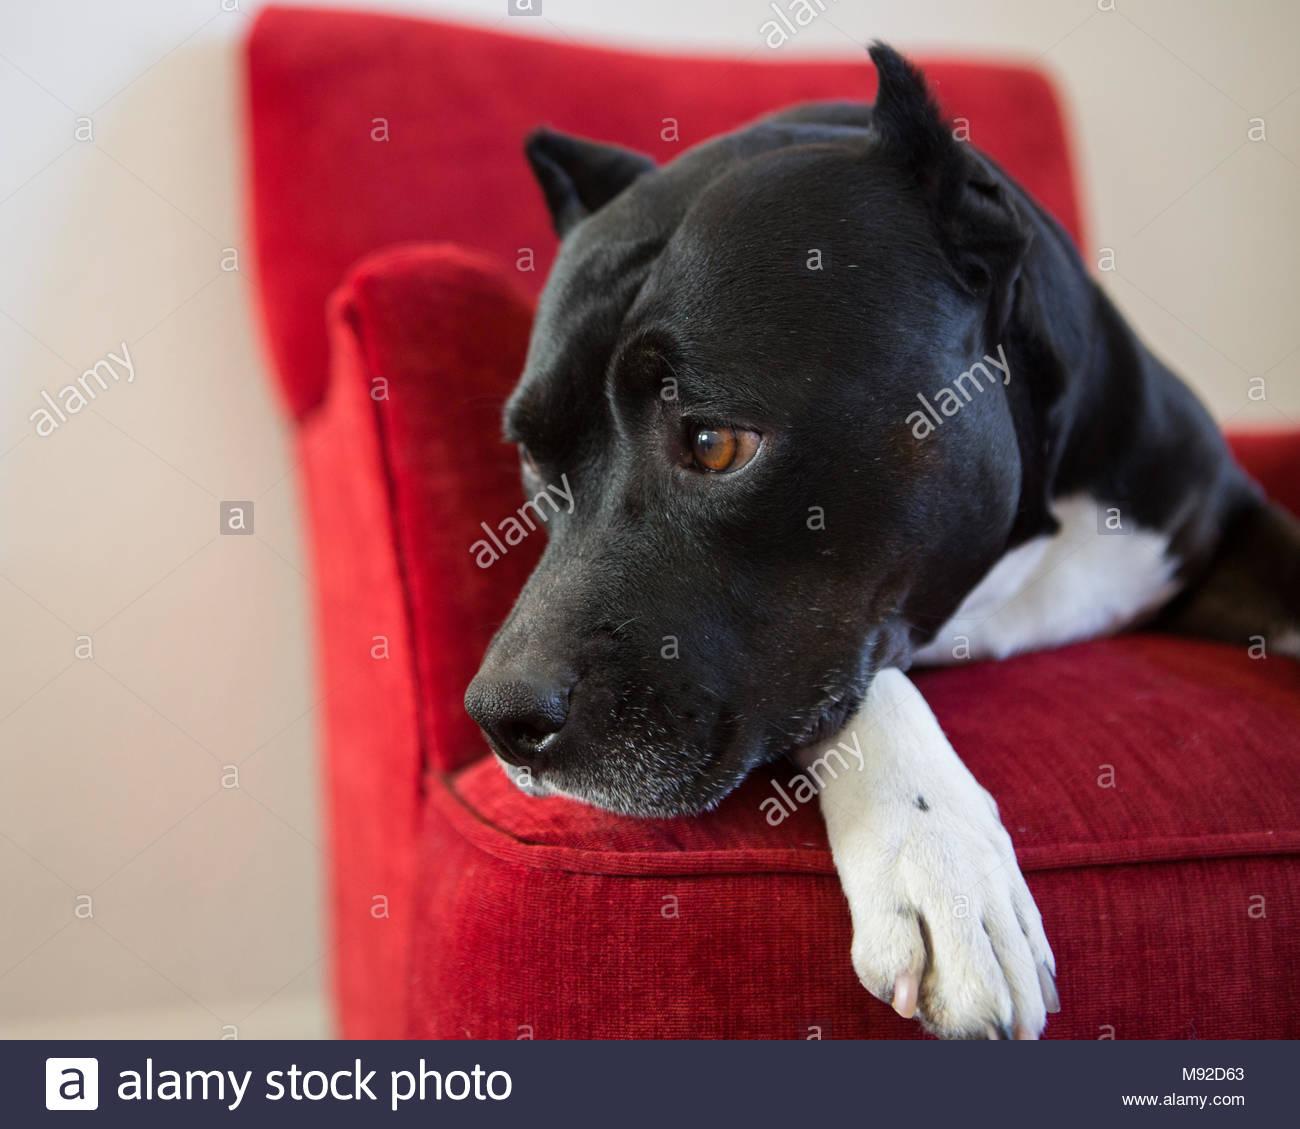 In der Nähe von Schwarzen und Weißen Grube Stier mit kupierten Ohren Kinn ruht auf der Pfote in roten Stuhl Stockbild